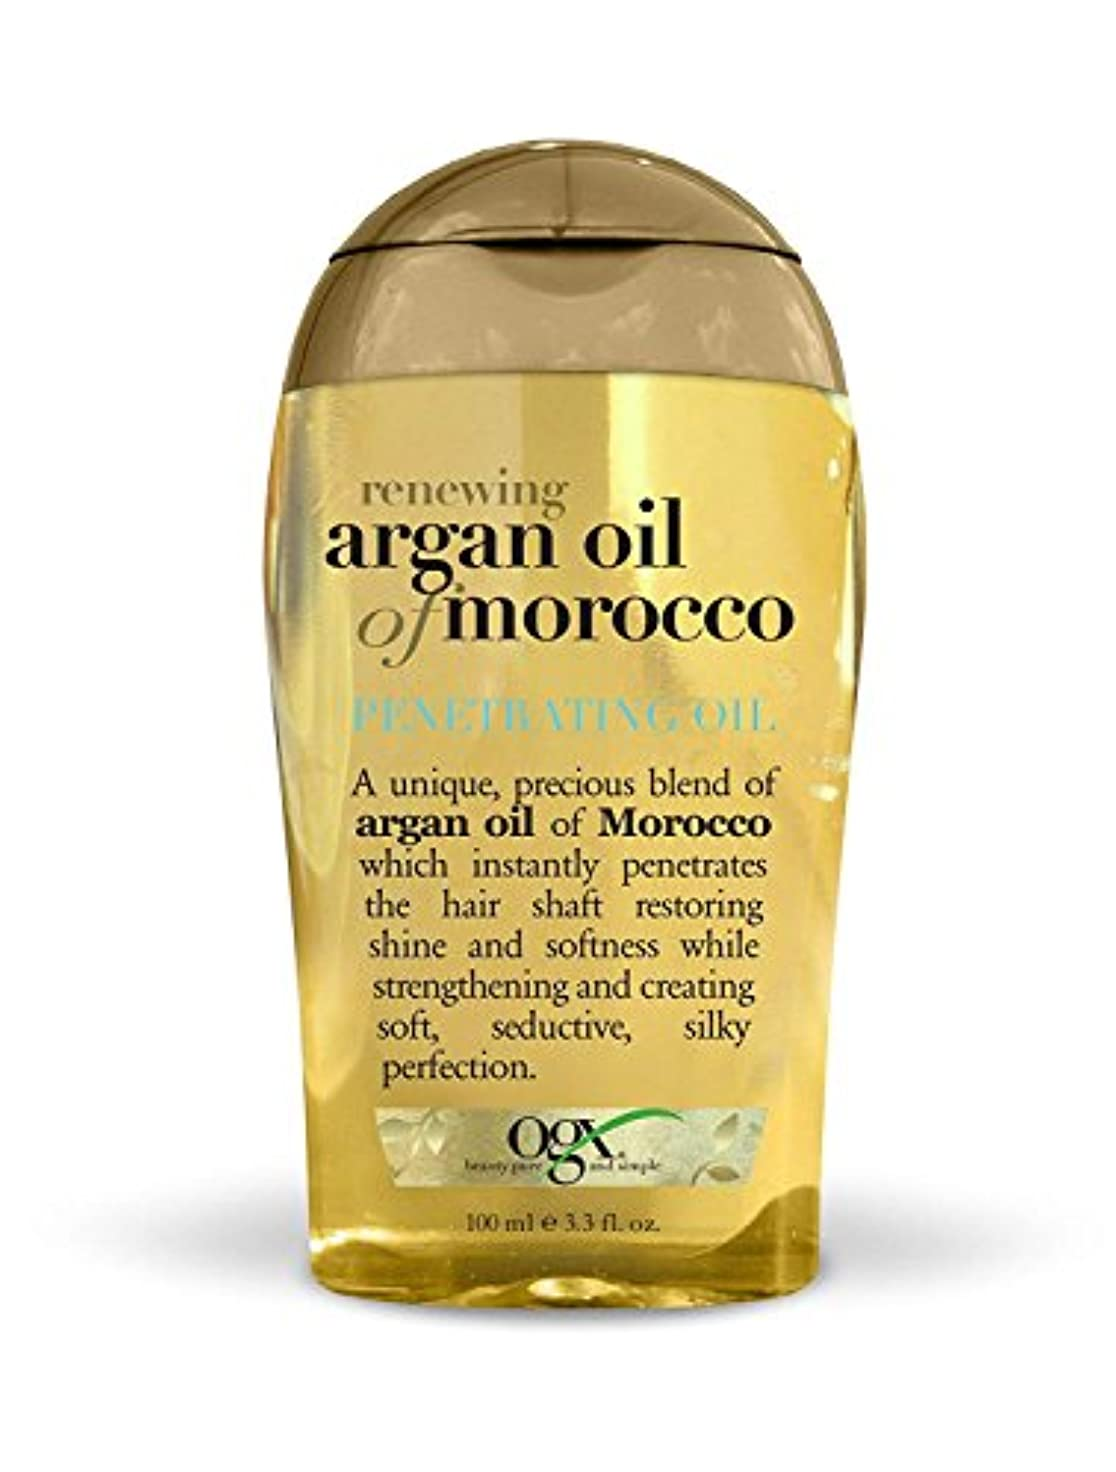 変動するベアリングシーボードOrganix Moroccan Argan Oil Penetrating Oil 100 ml x 2 パック (並行輸入品)